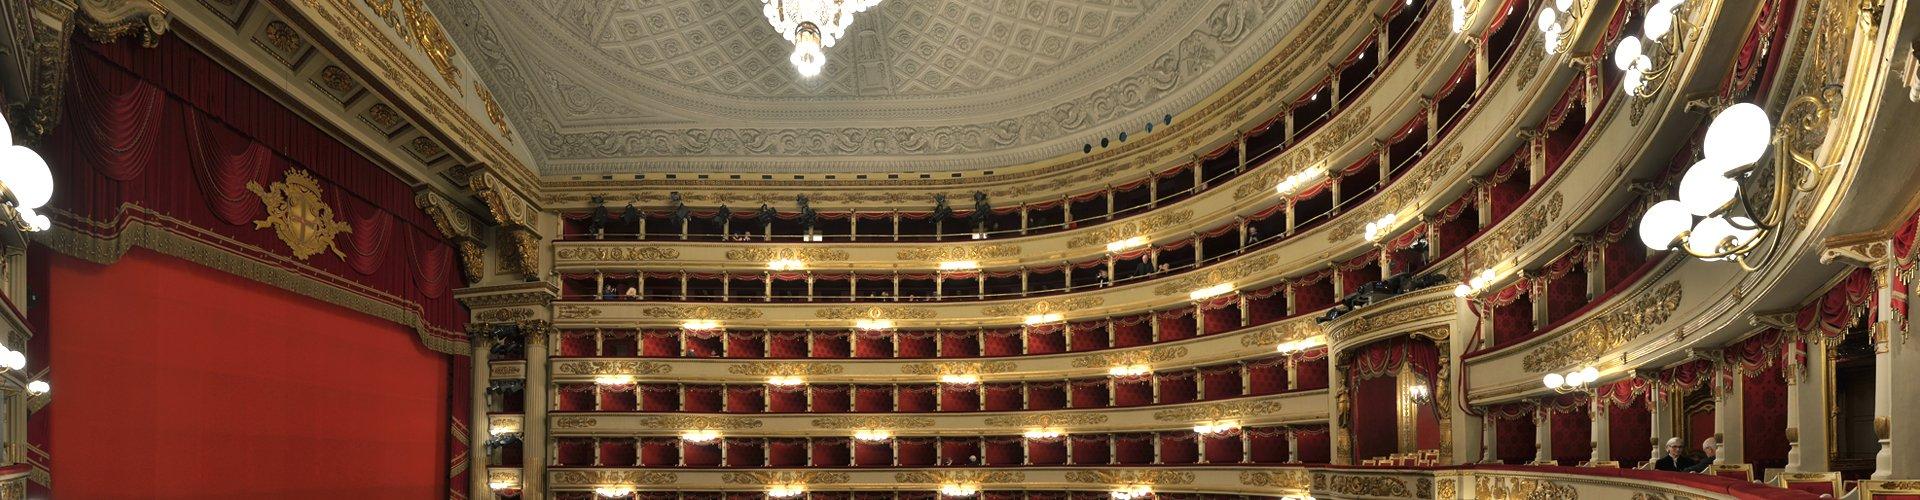 Teatro alla Scala, Italië